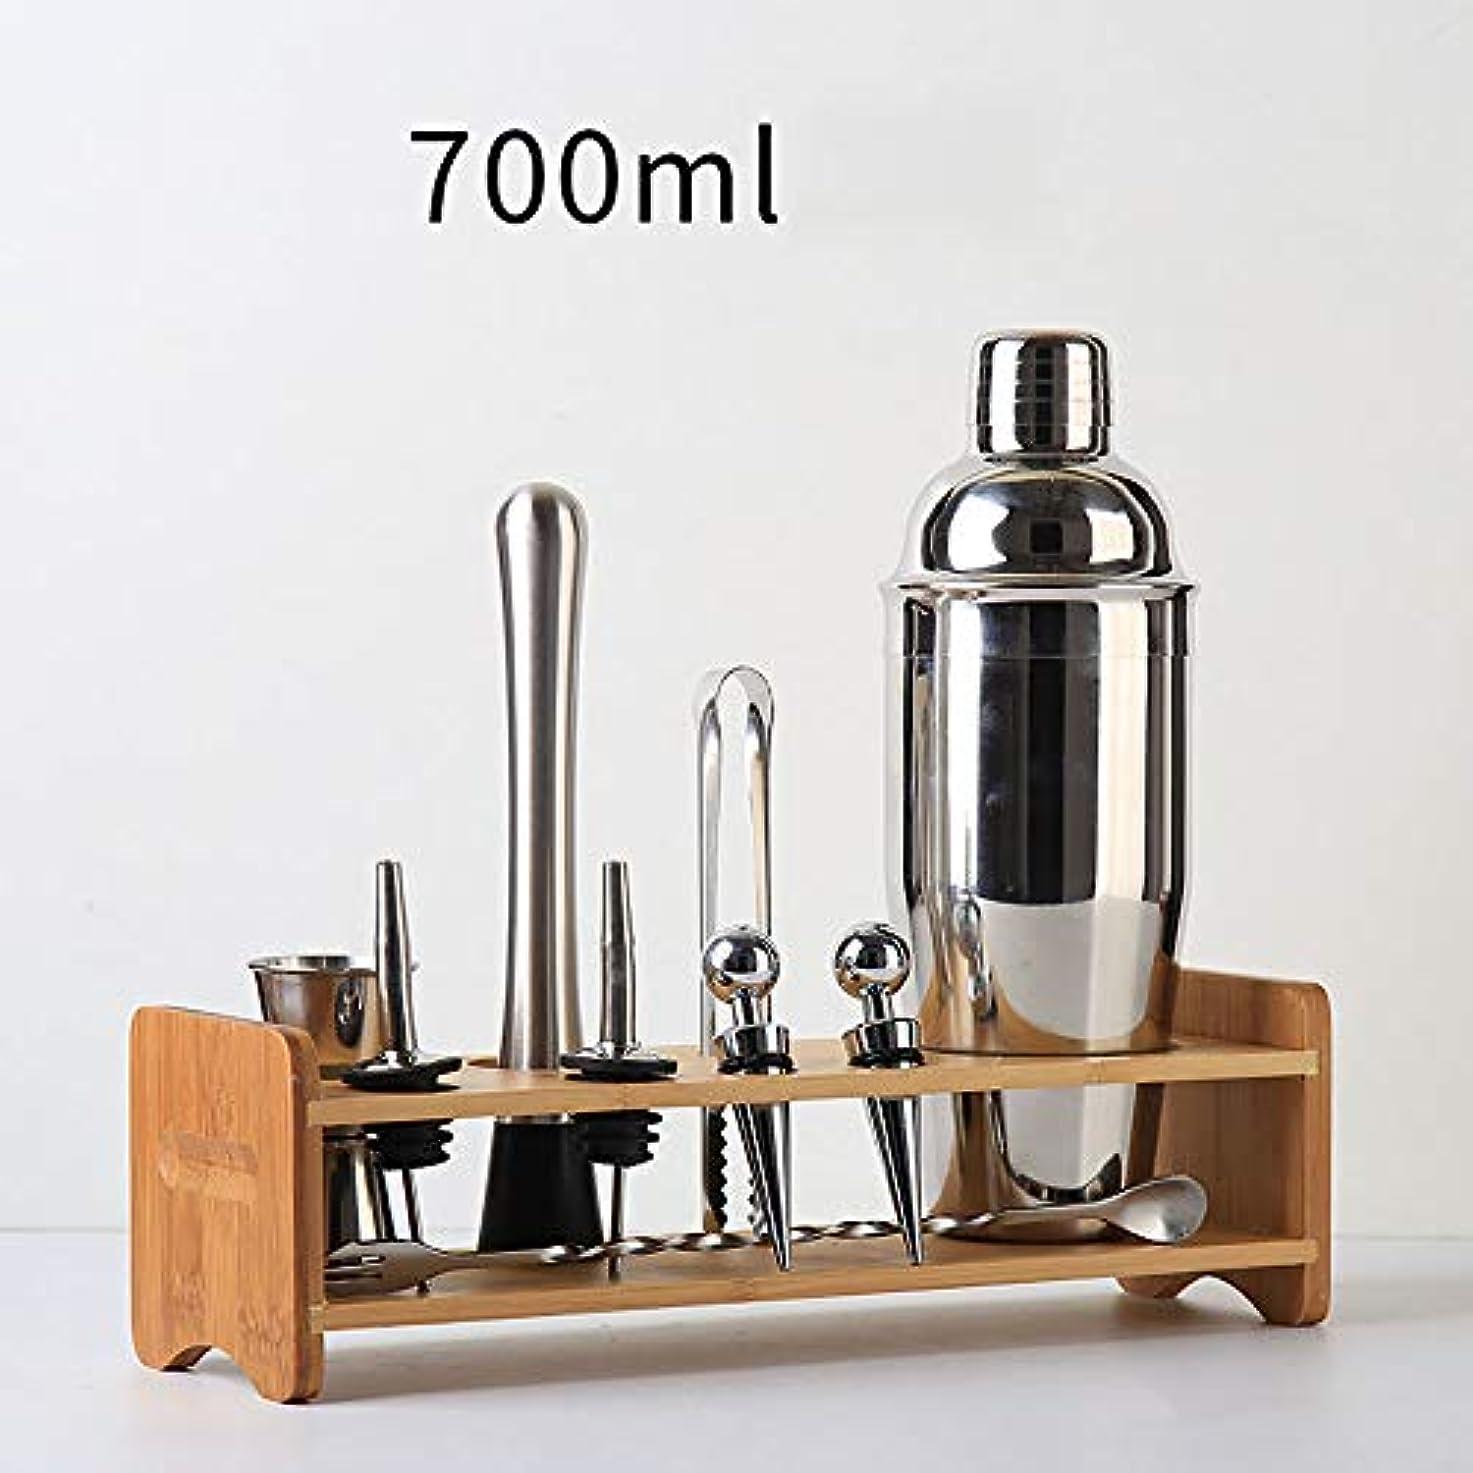 直立野心音声Shike Cup Cocktail Shaker、ステンレススチールハンドシェイクシェーカー、Tea Shop Xueke Pot Bar Tool Set、Beverage Mix Professional Bartender...